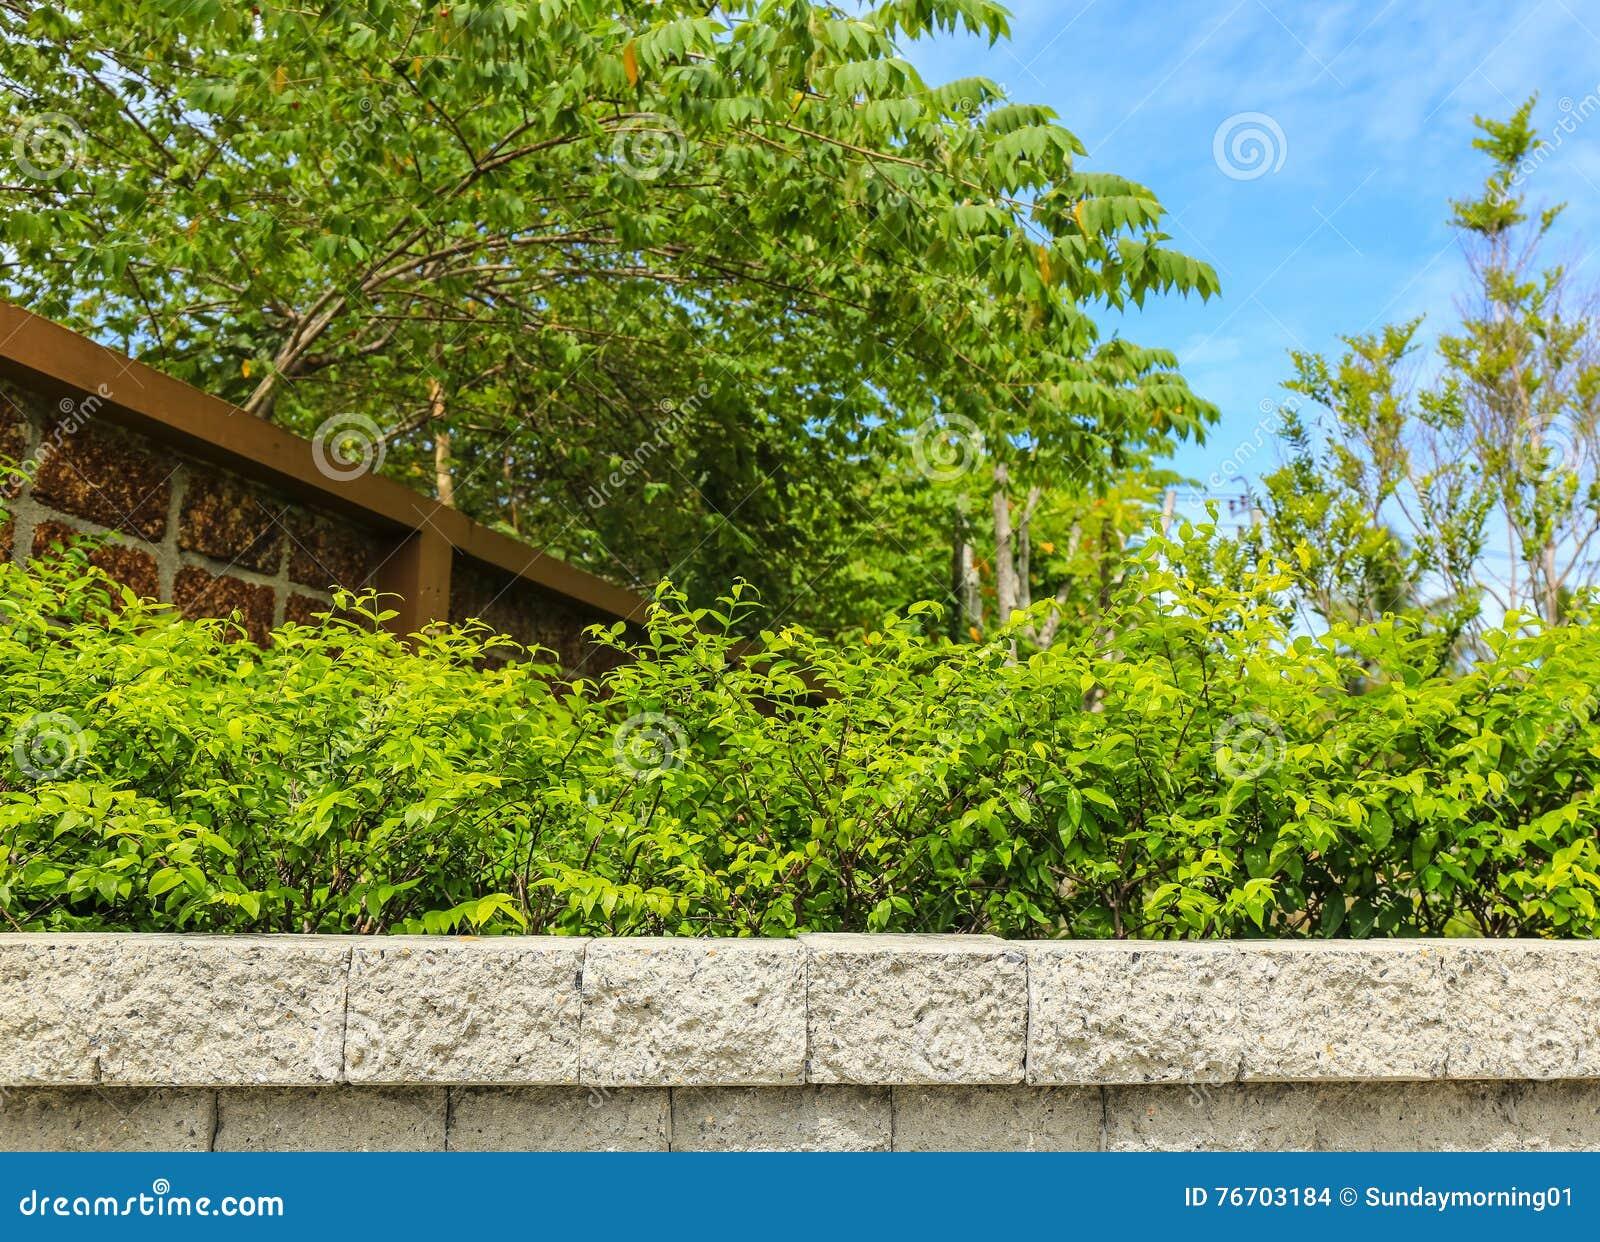 Pared de ladrillo y hoja verde